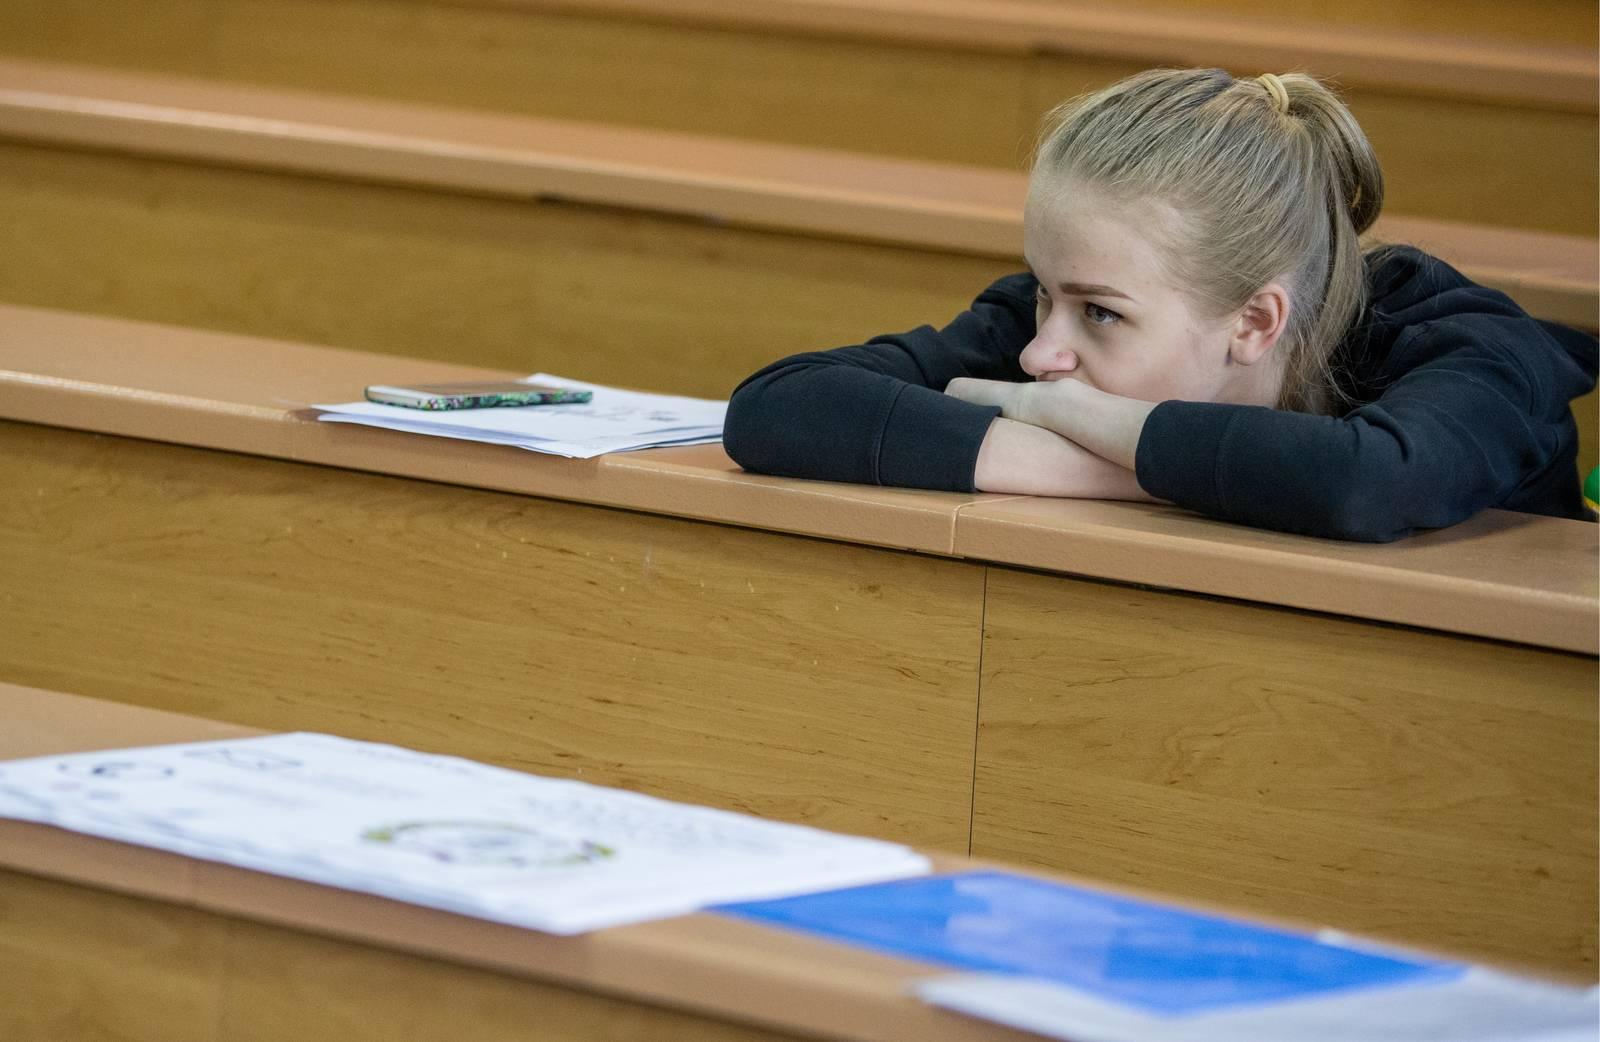 Mozhno-li-nakazyvat-rebenka-remnem - запись пользователя натали (lisindra) в сообществе психология в категории тревожные мысли. как с ними справиться? - babyblog.ru